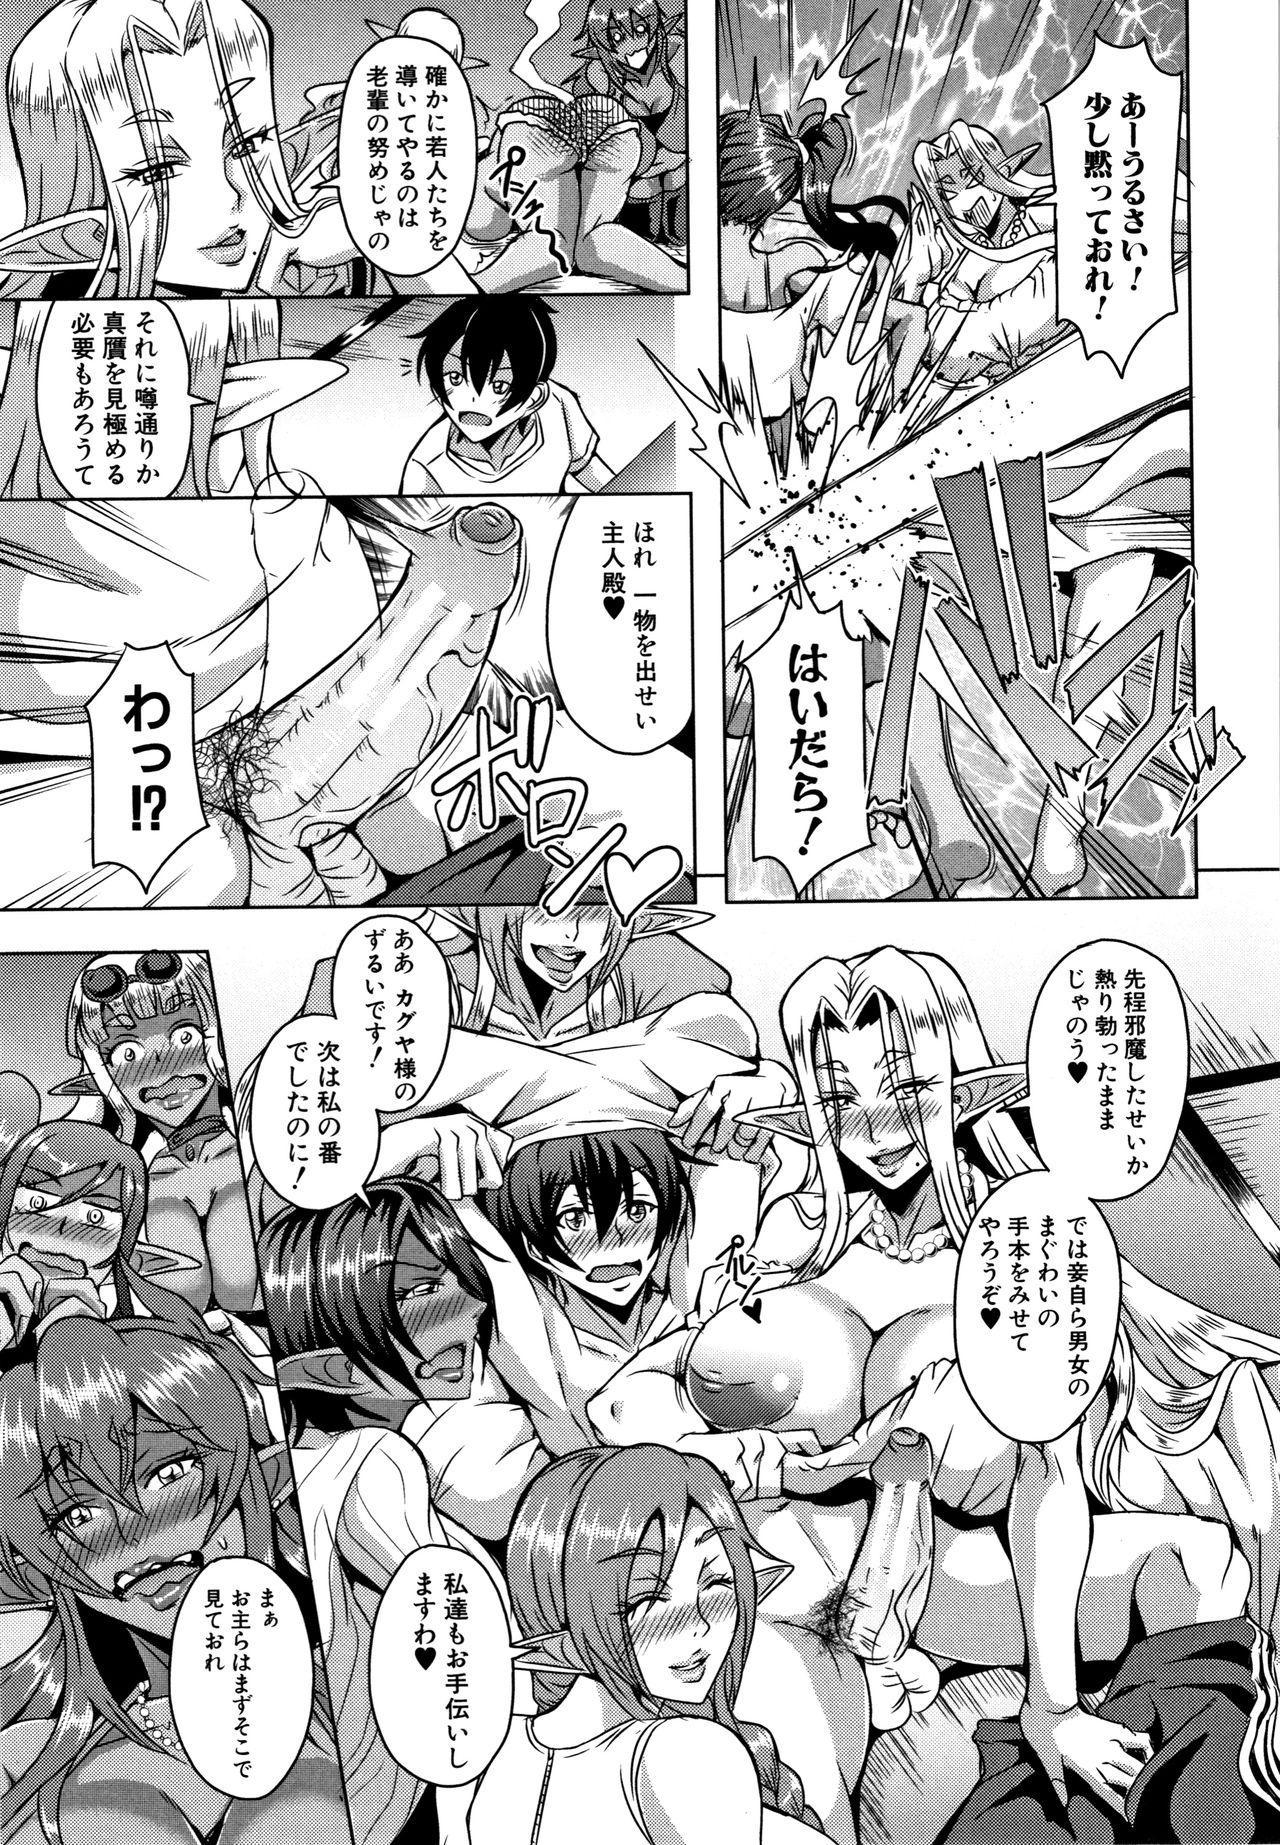 Elf Harem Monogatari - Elf Harem Story 176